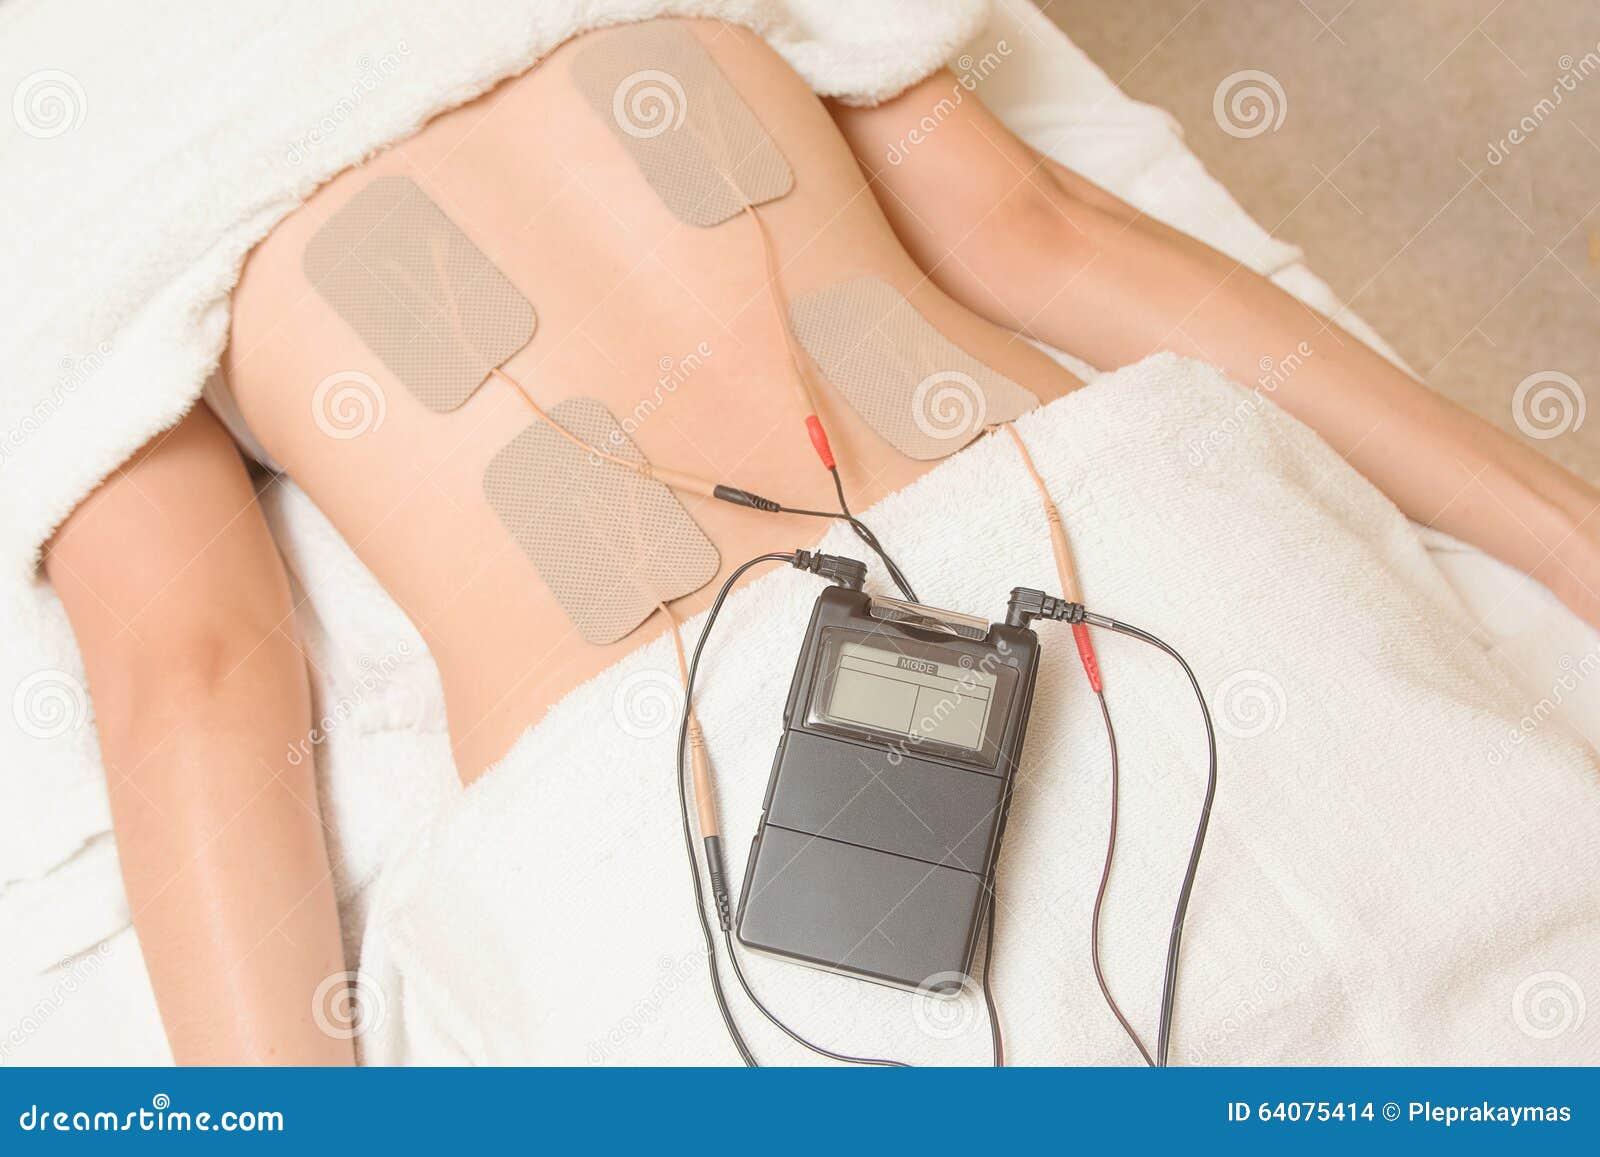 Elektroden Des Zehngerätes Auf Rückenmuskel Stockfoto - Bild von ...